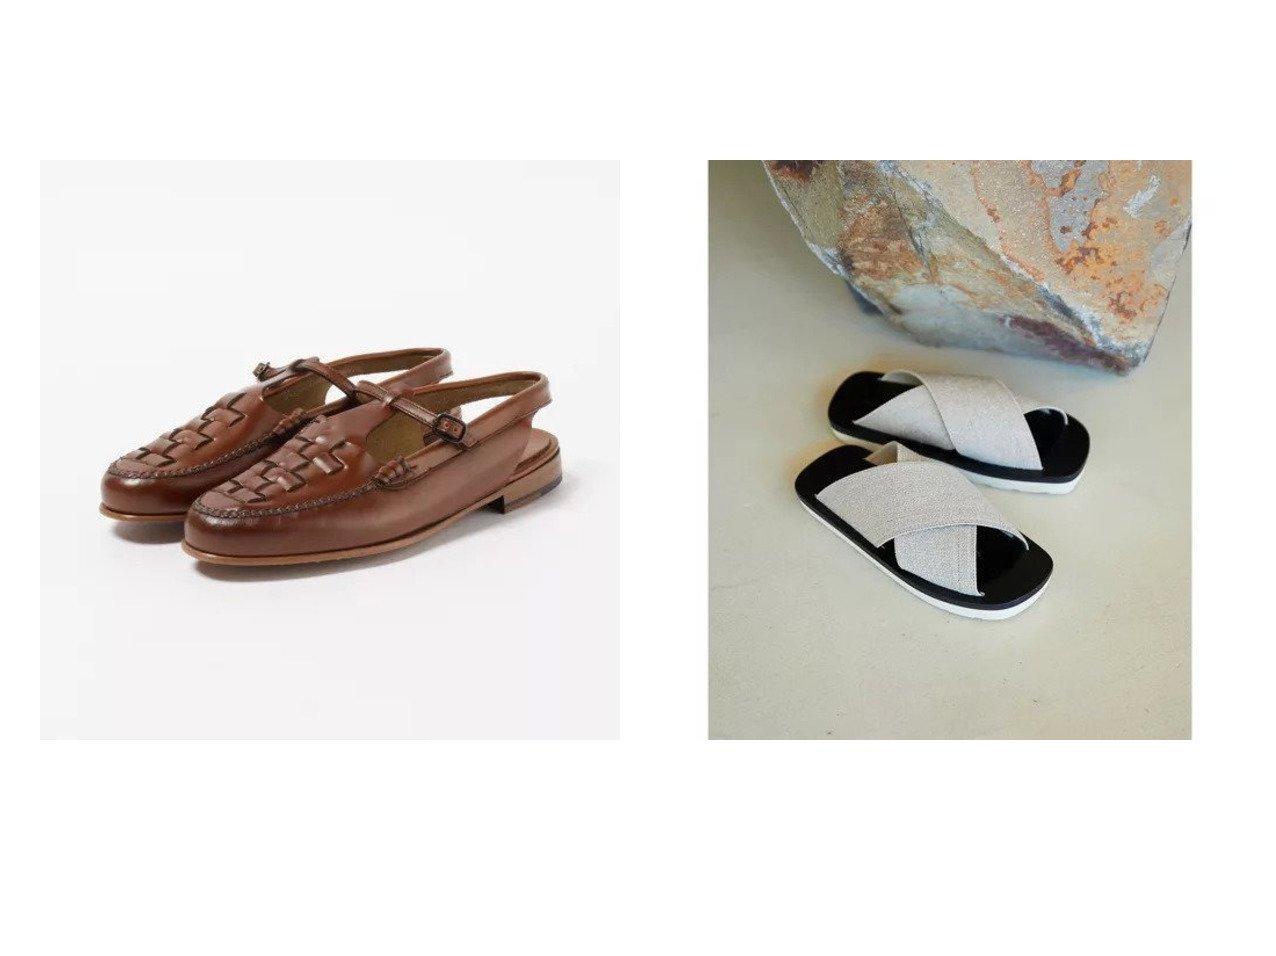 【GALLARDAGALANTE/ガリャルダガランテ】の【Proenza Schouler】スポーツエラスティックサンダル&【HEREU/ヘリュー】の【Roqueta】ロファーサンダル 【シューズ・靴】おすすめ!人気、トレンド・レディースファッションの通販   おすすめで人気の流行・トレンド、ファッションの通販商品 メンズファッション・キッズファッション・インテリア・家具・レディースファッション・服の通販 founy(ファニー) https://founy.com/ ファッション Fashion レディースファッション WOMEN スポーツウェア Sportswear サンダル / ミュール Sandals スポーツ シューズ Shoes サンダル シューズ クラシック ニューヨーク フィット フラット プリント ミックス モチーフ リラックス  ID:crp329100000026899